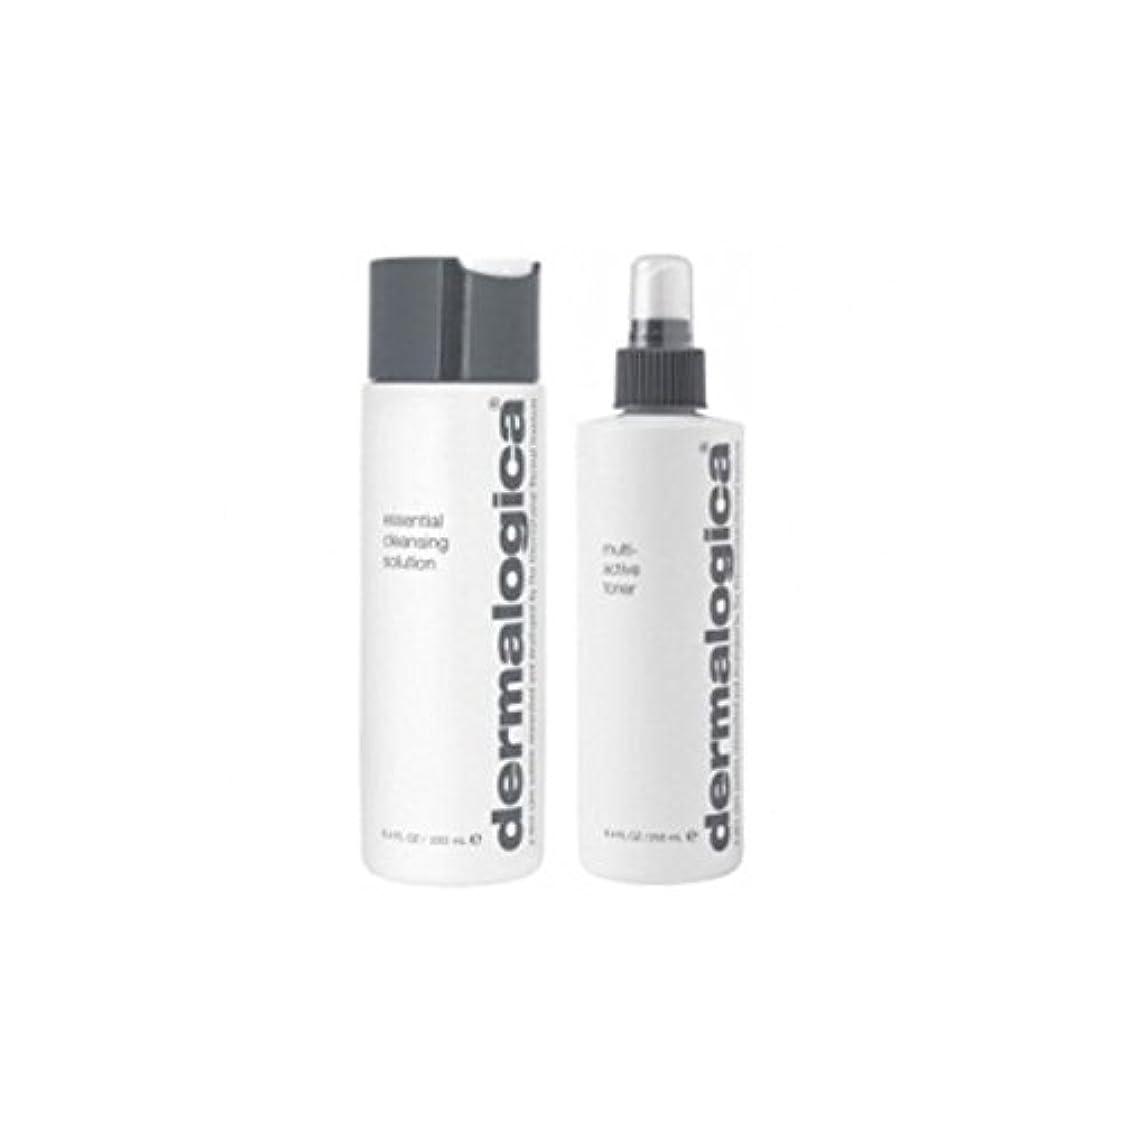 学んだ終わったインクDermalogica Cleanse & Tone Duo - Dry Skin (Pack of 6) - ダーマロジカクレンジング&トーンデュオ - 乾燥肌 x6 [並行輸入品]